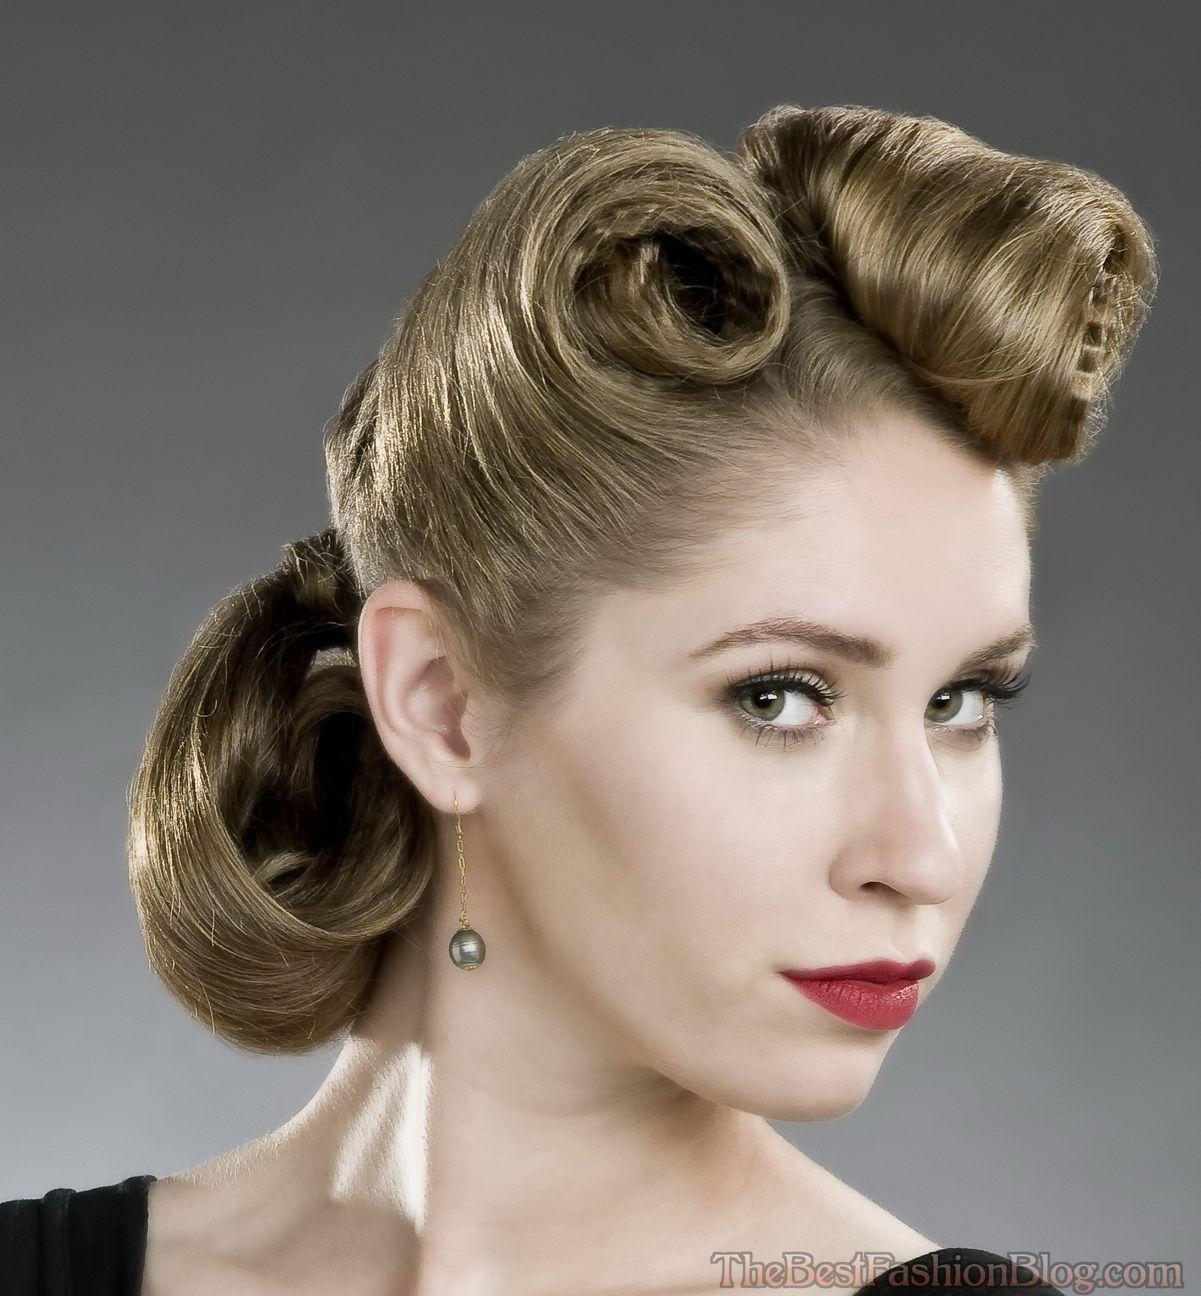 Fashion hairstyles 2015 - 10retro Hairstyles